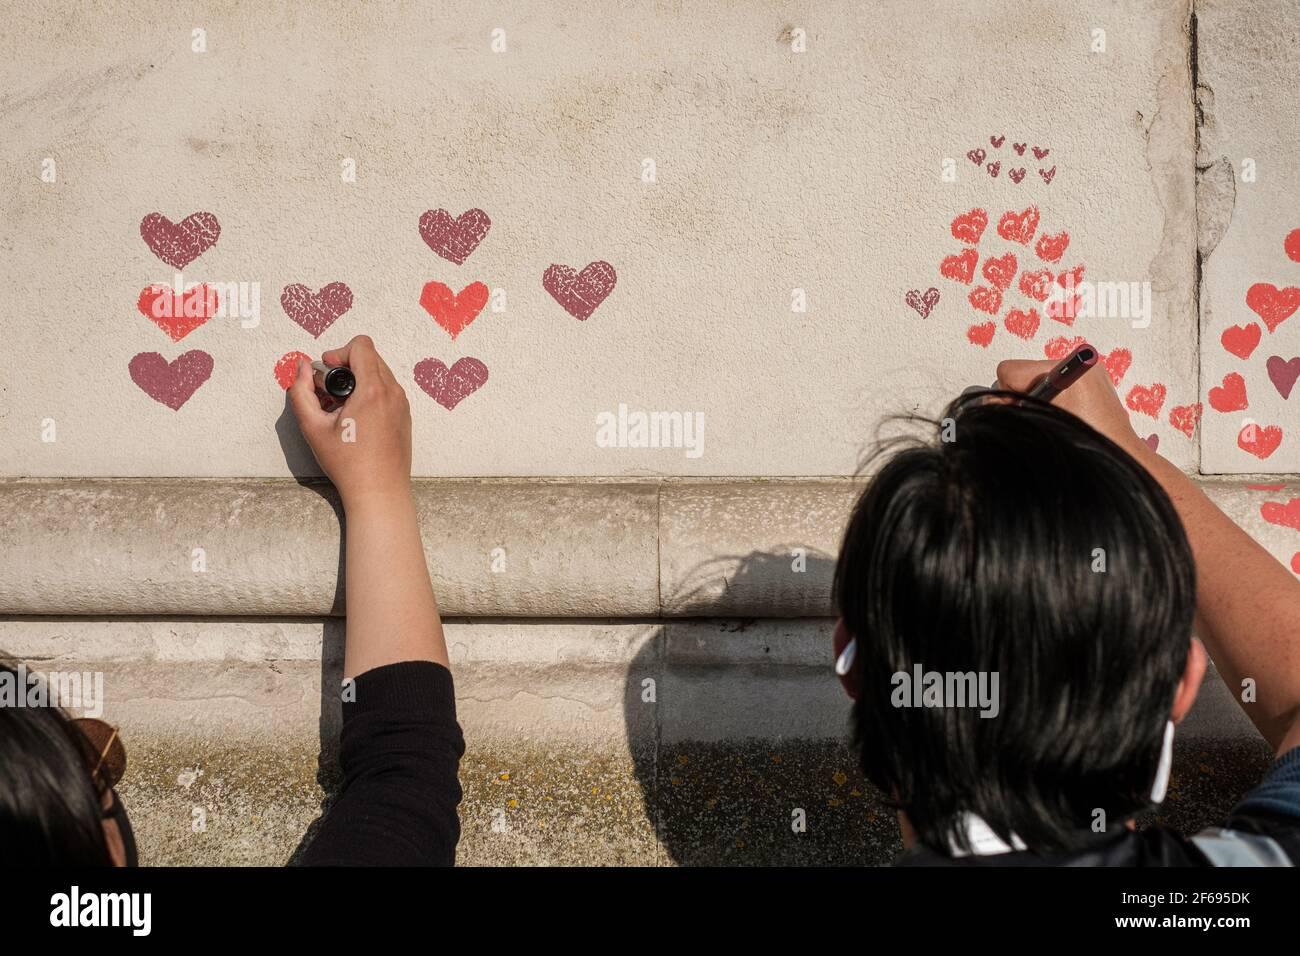 Día 2 del Muro Conmemorativo Nacional Covid; se han añadido más corazones y se han incluido más nombres como dedicación a los que pasaron de Corona Foto de stock